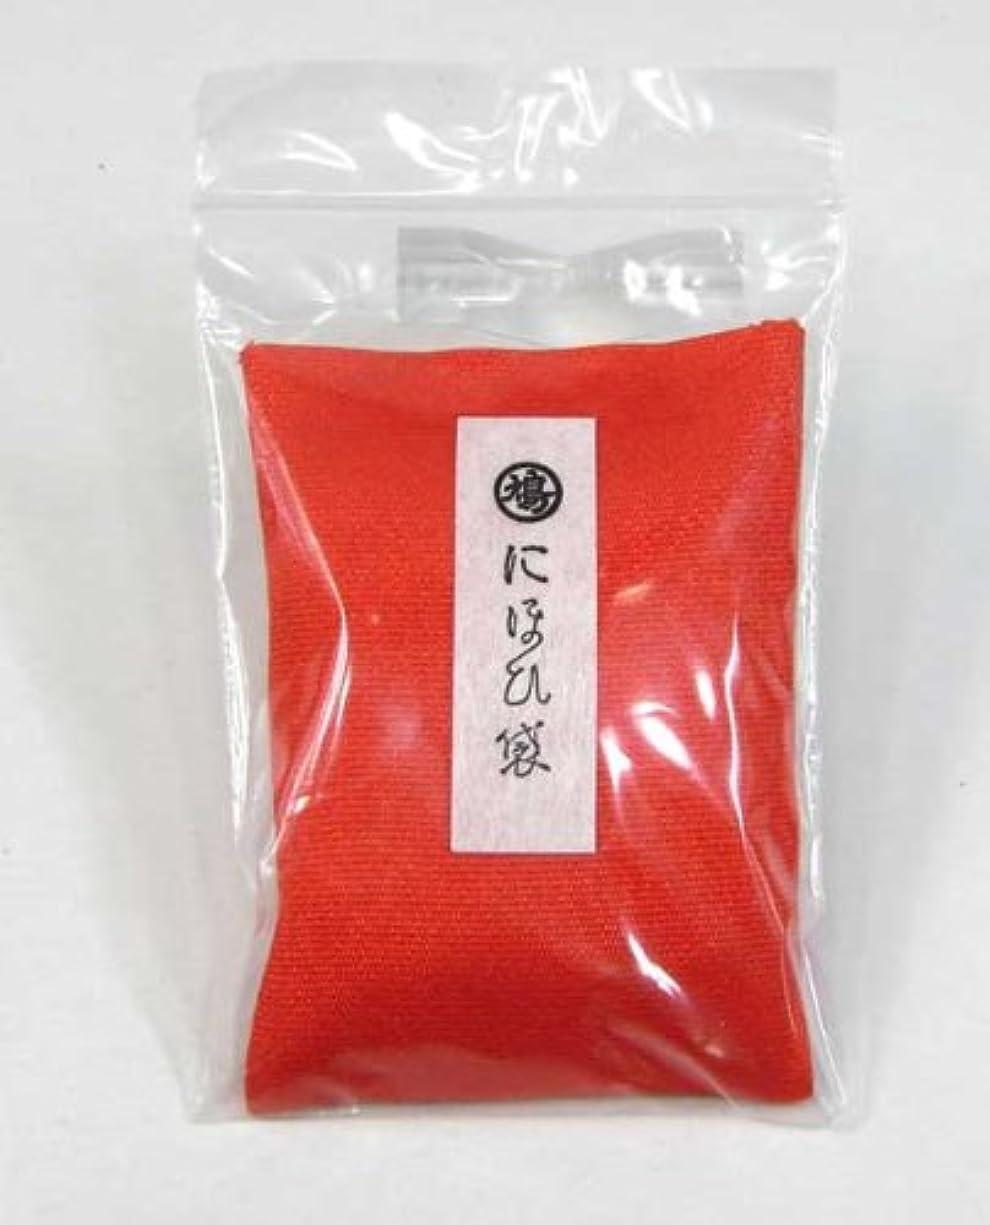 重要性プラスチックむしゃむしゃにほひ袋 タンス用 角形袋入りお香 赤角形(小) 715